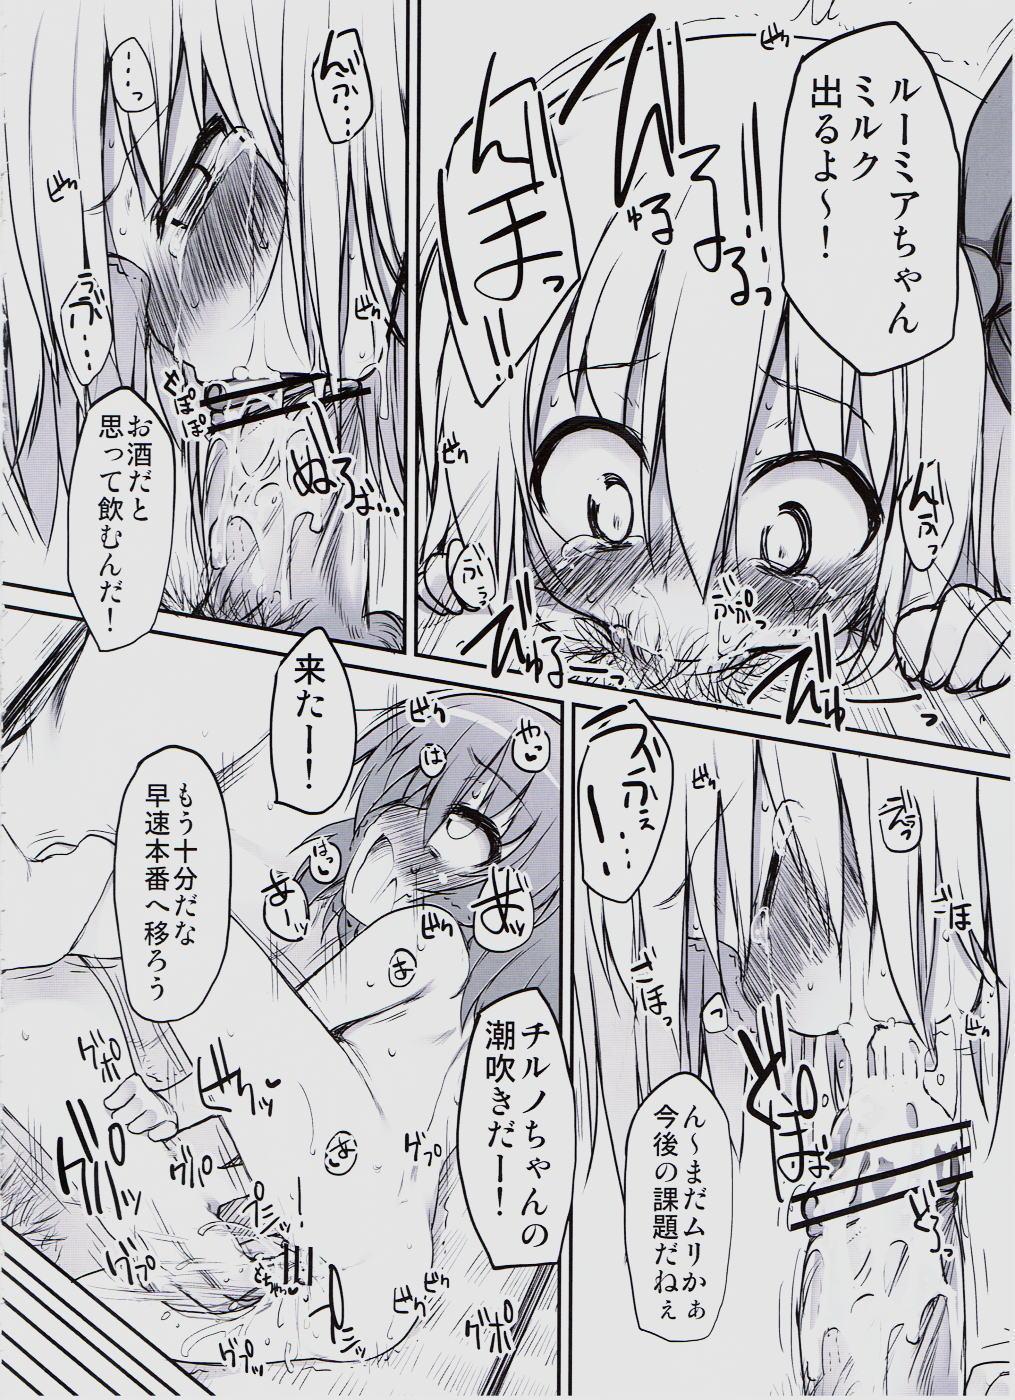 Gensoukyou no Utage 18